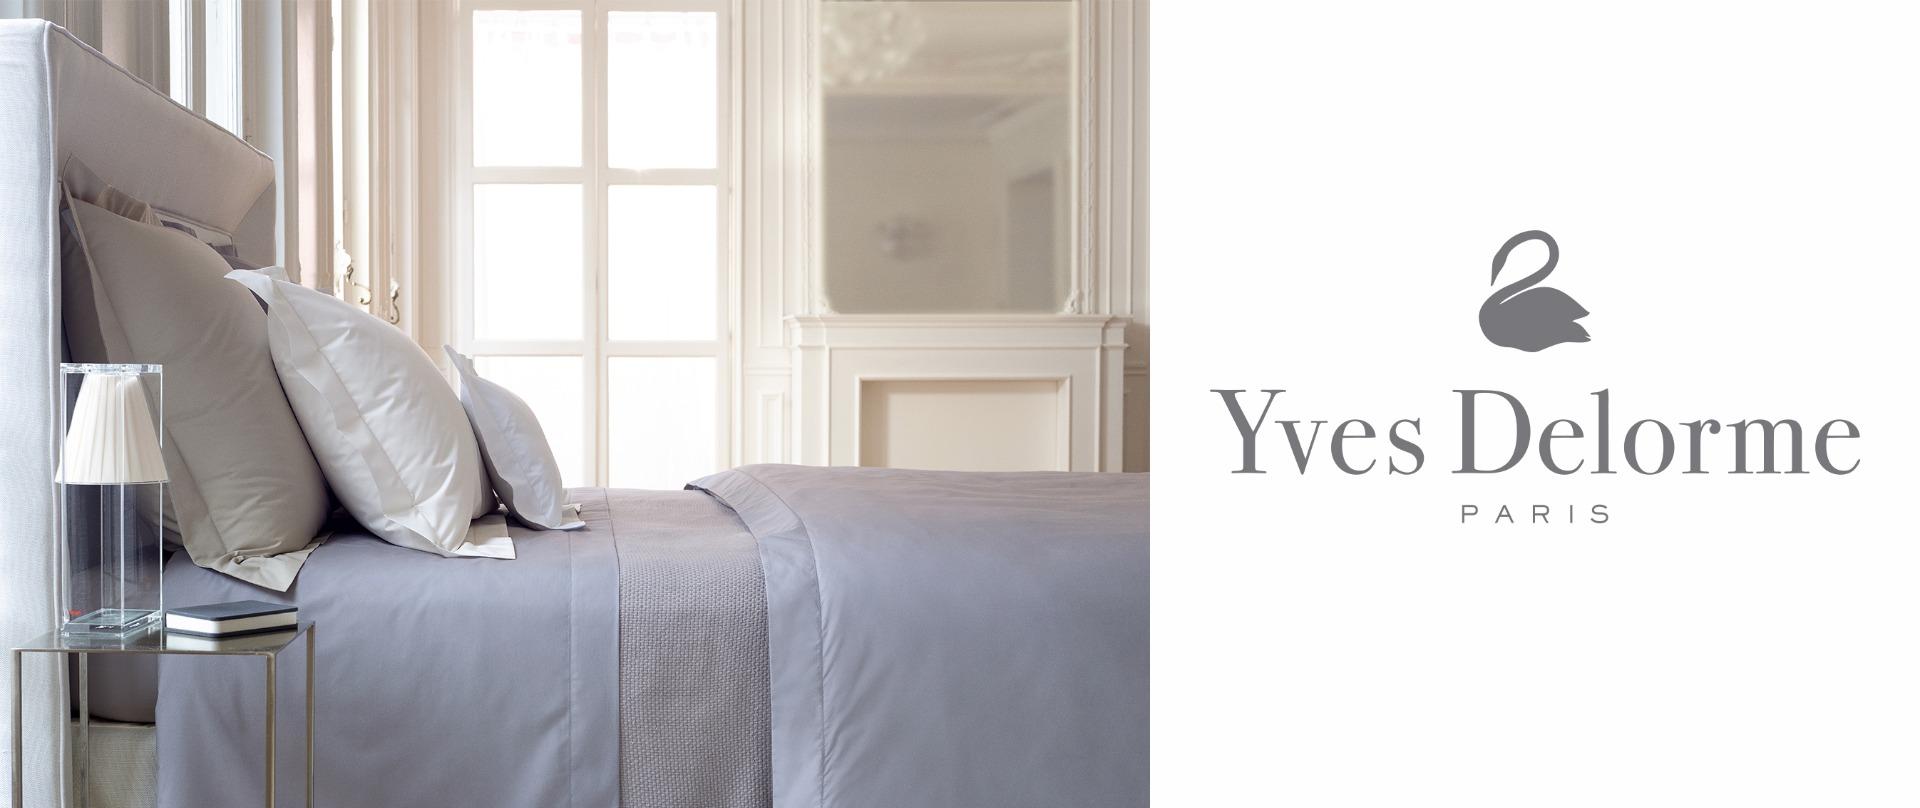 Yves delorme at arighi bianchi designer bed linen for Yves delorme